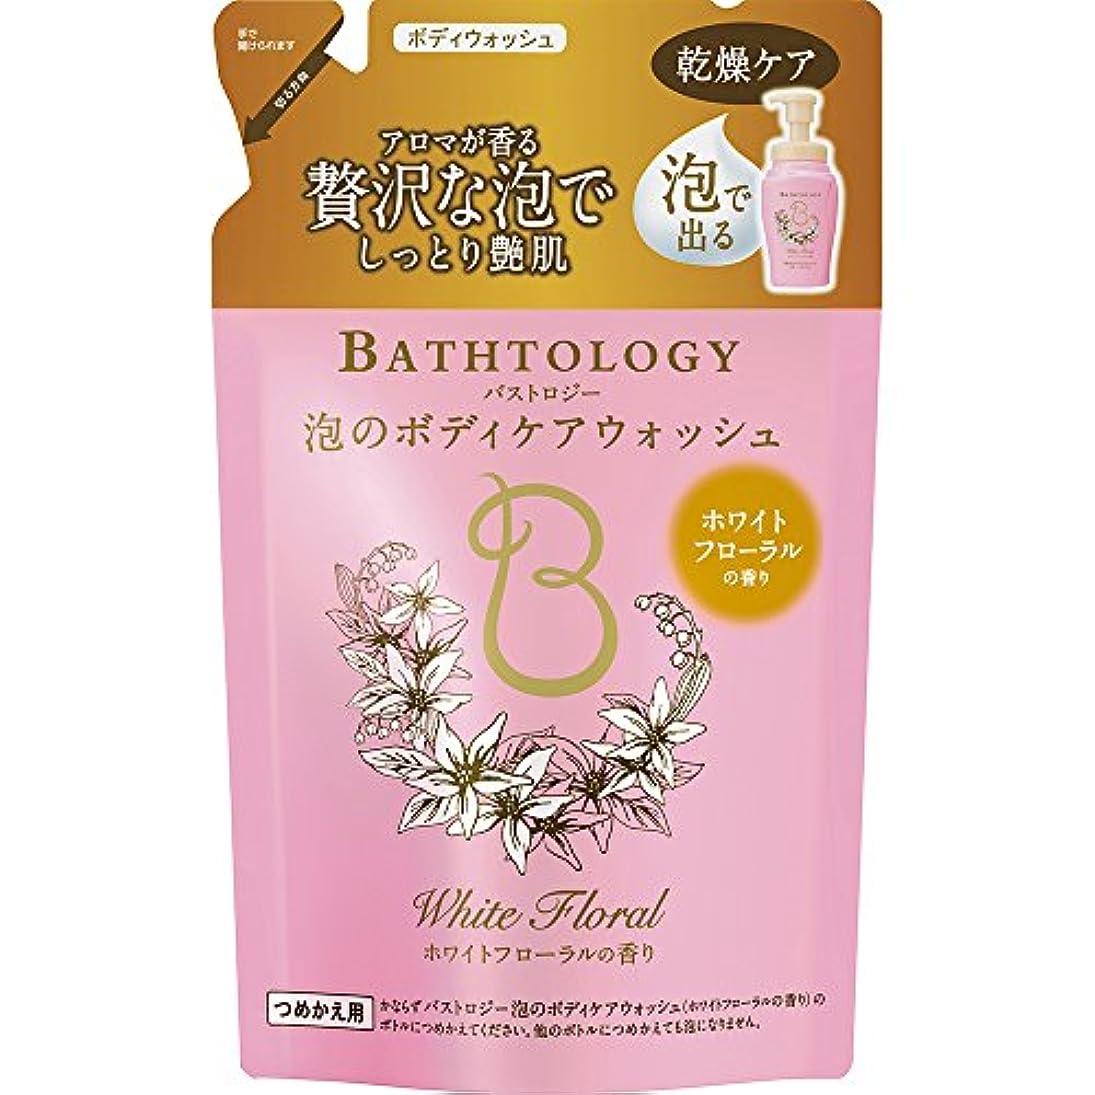 バング故意のもつれBATHTOLOGY 泡のボディケアウォッシュ ホワイトフローラルの香り 詰め替え 350ml